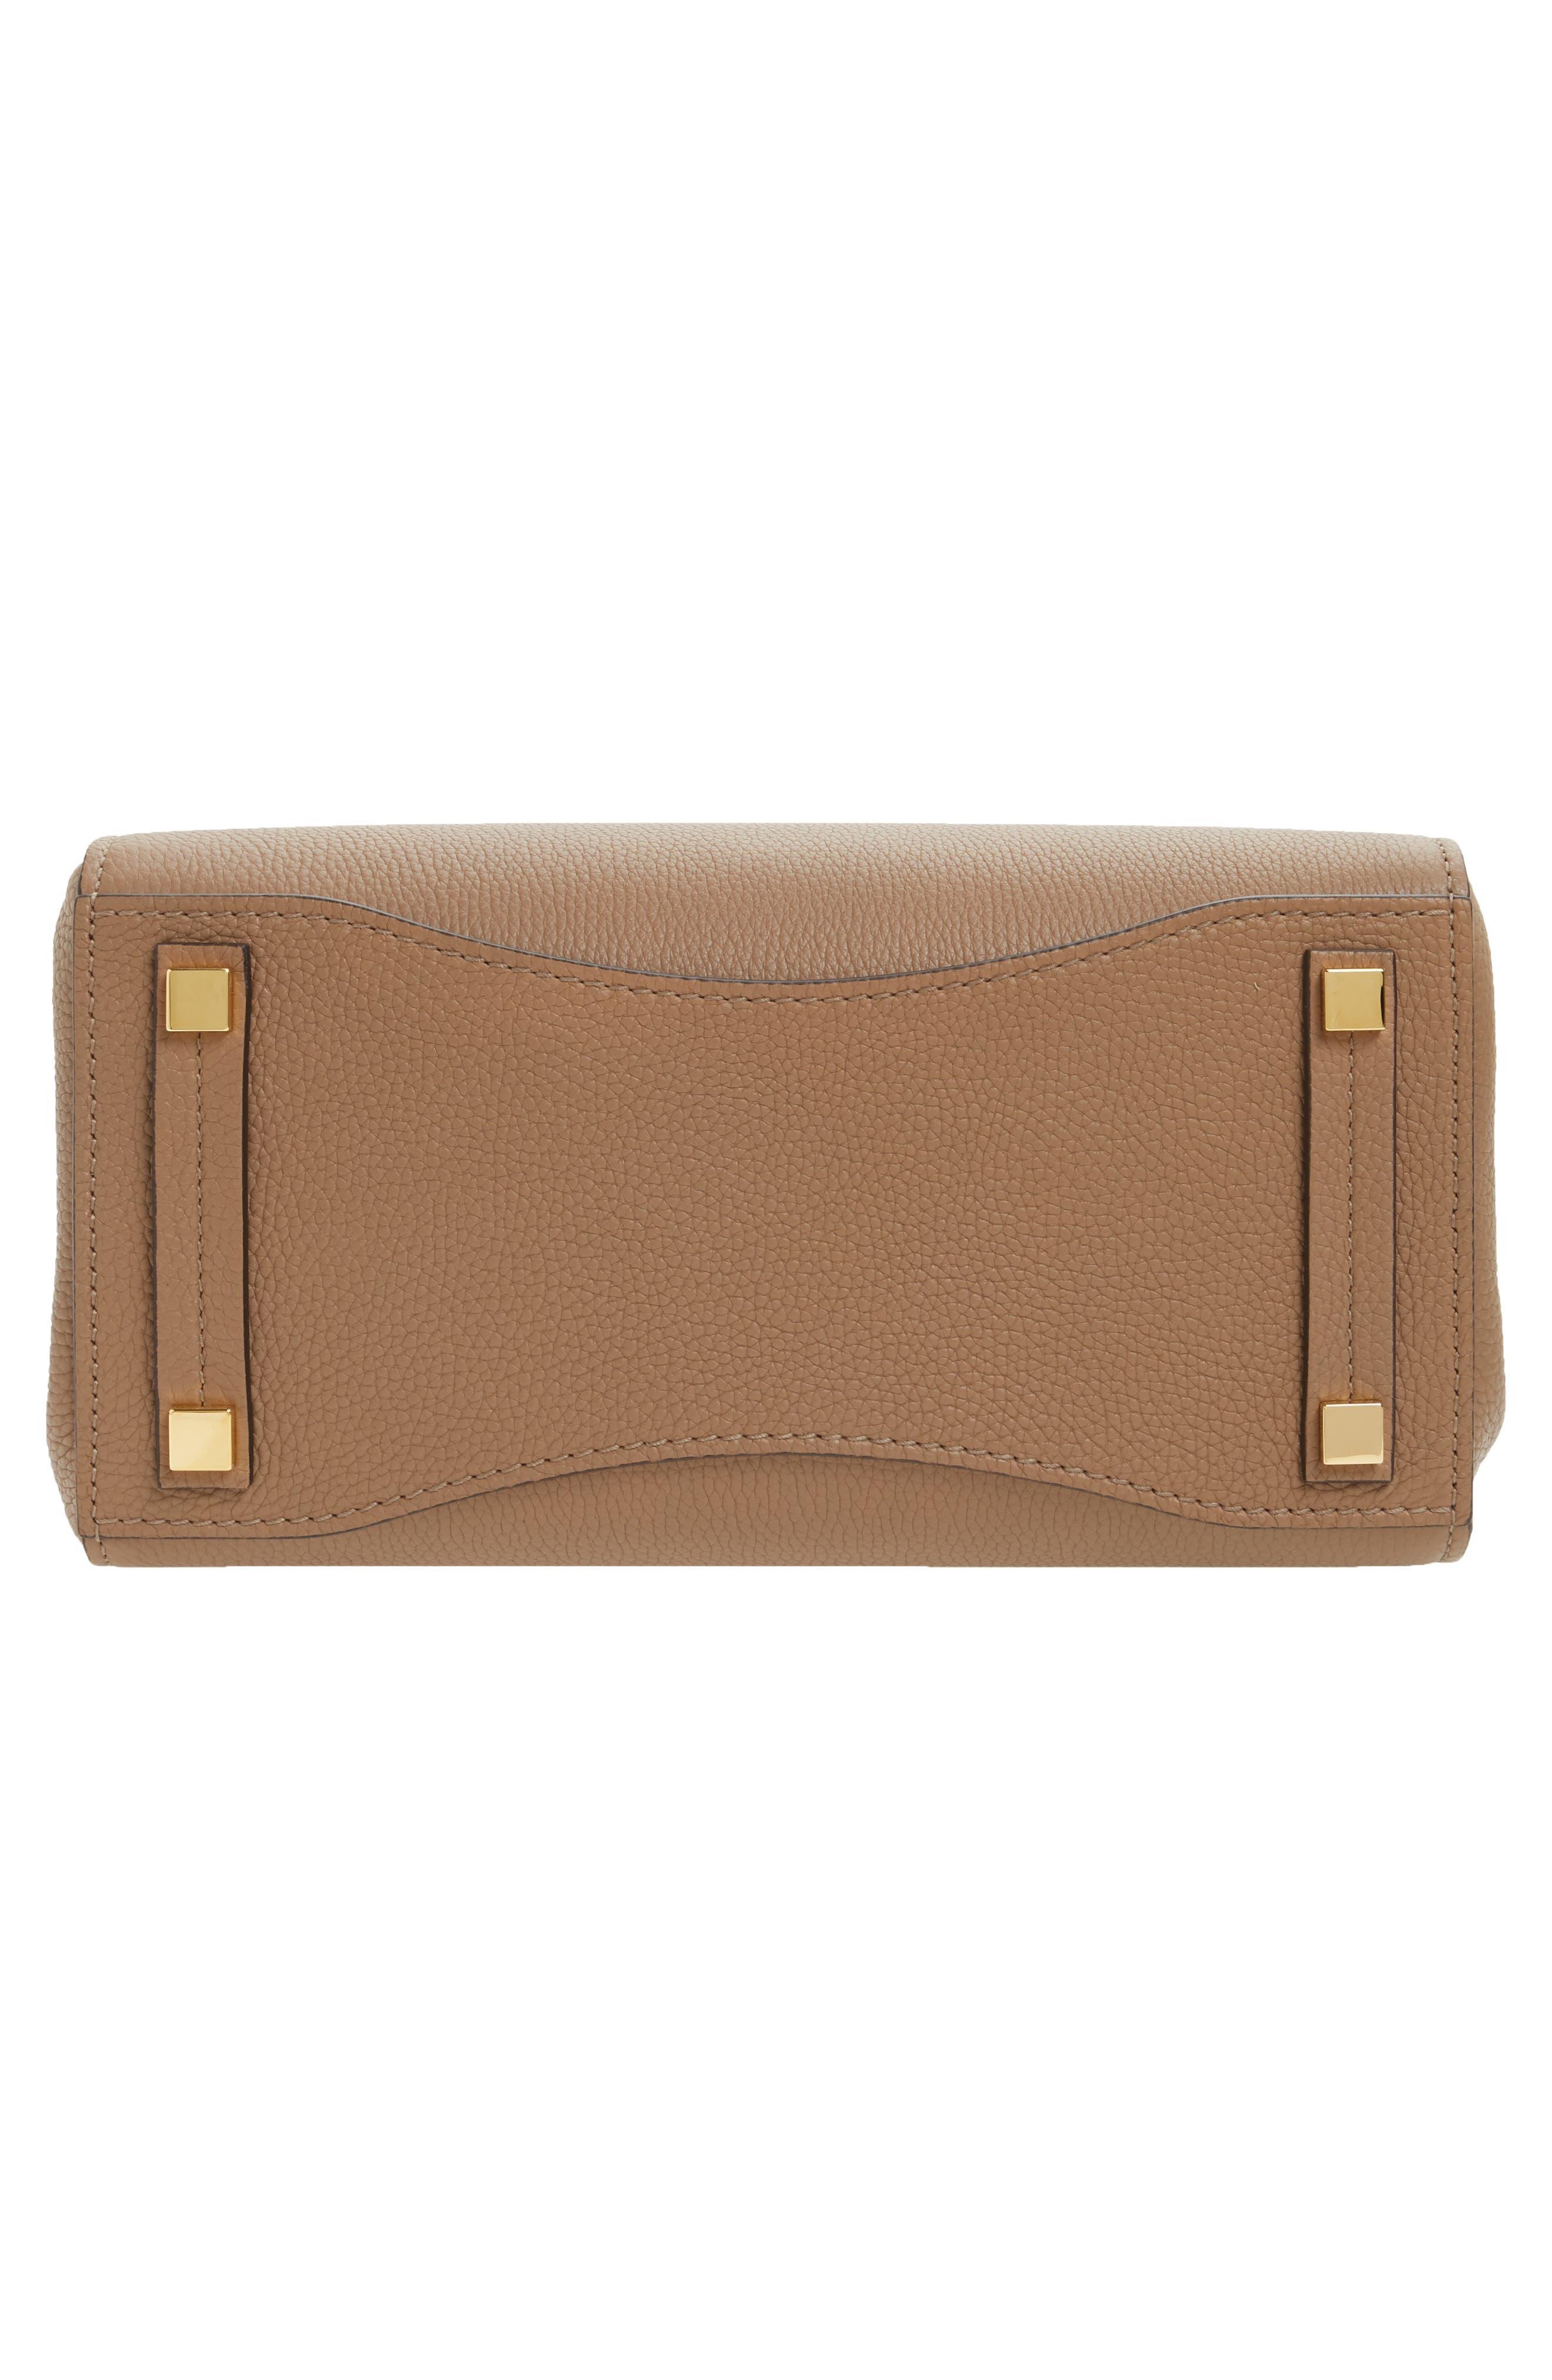 Large Bancroft Leather Top Handle Satchel,                             Alternate thumbnail 17, color,